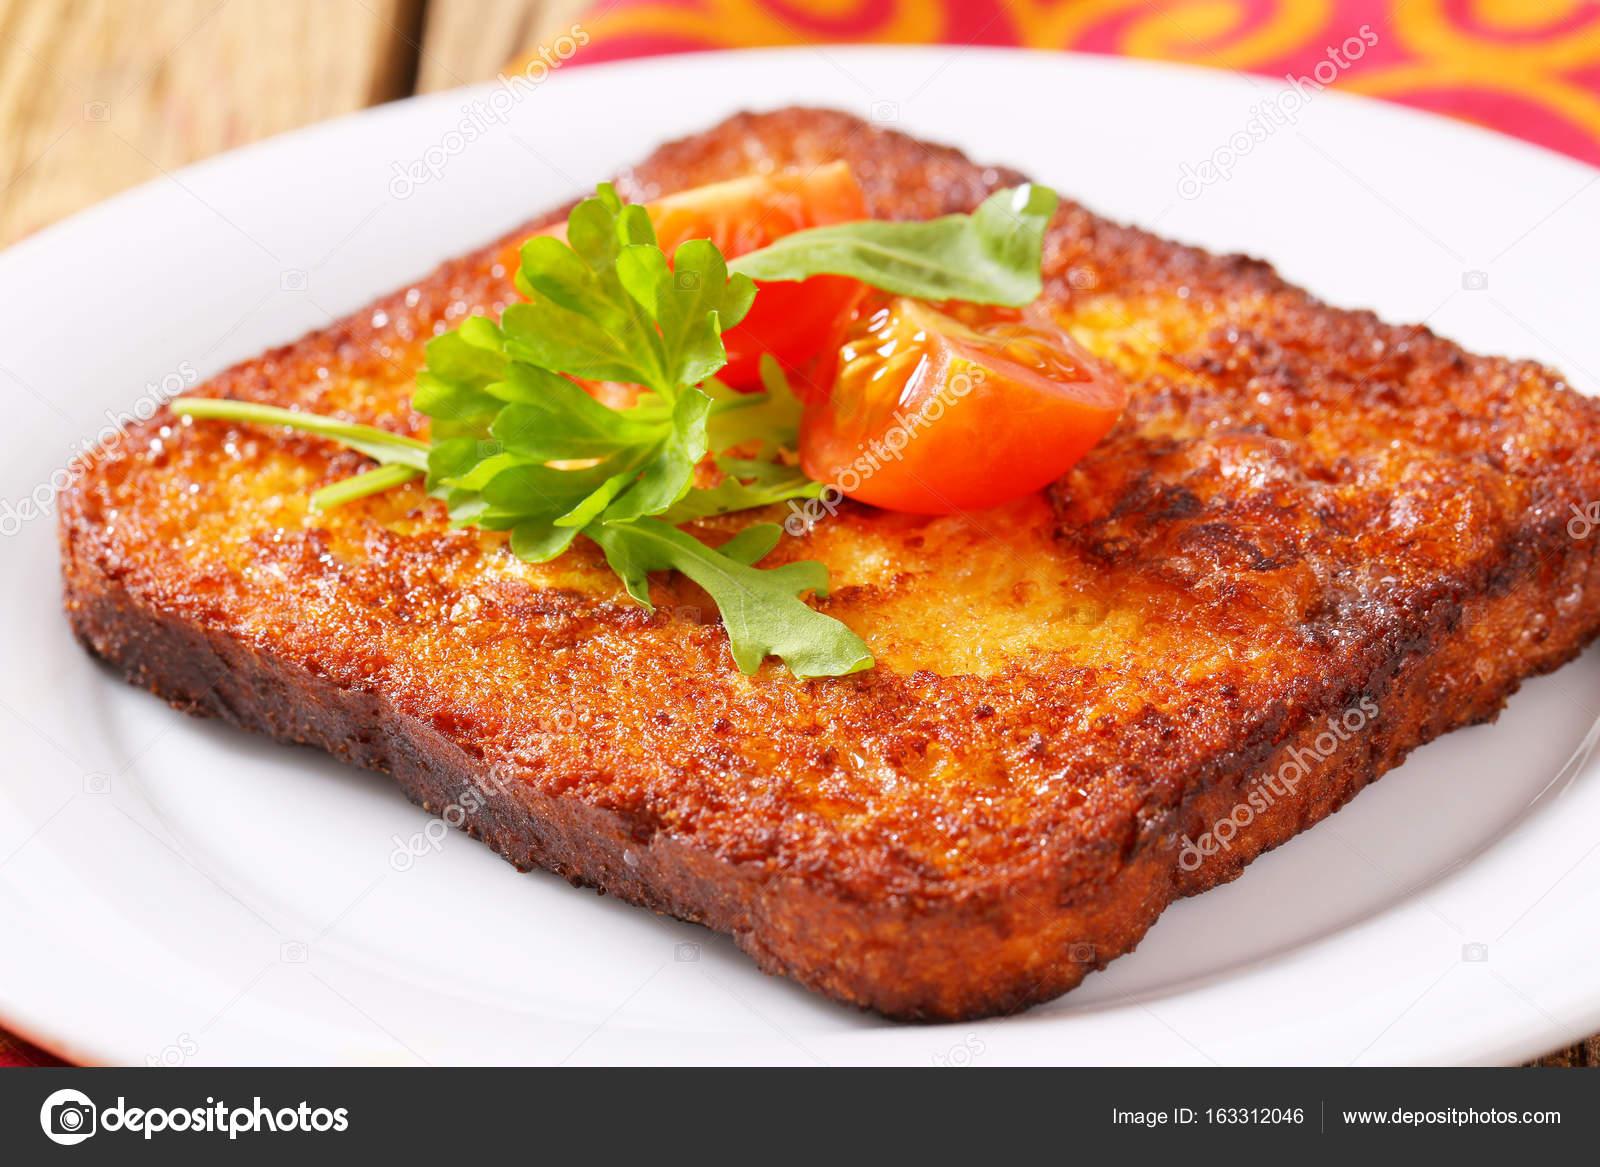 Scheibe Französisch toast — Stockfoto © ajafoto #163312046